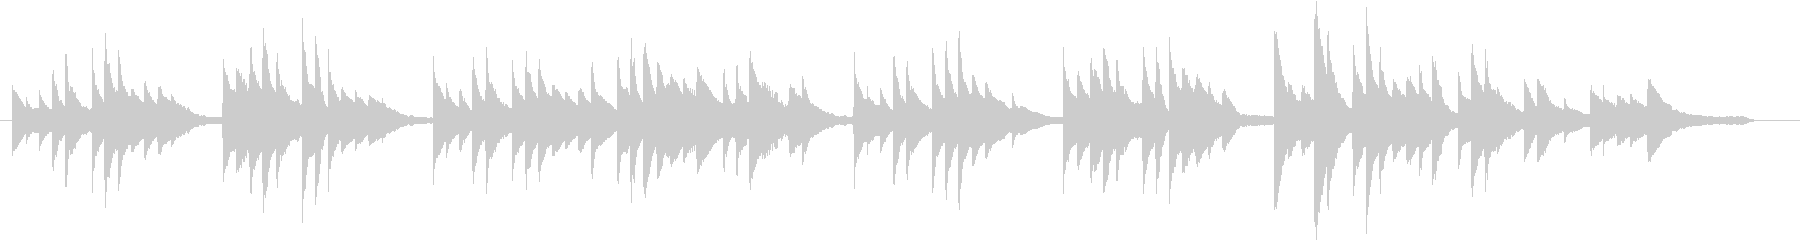 結婚式BGM_式の前日01の未再生の波形